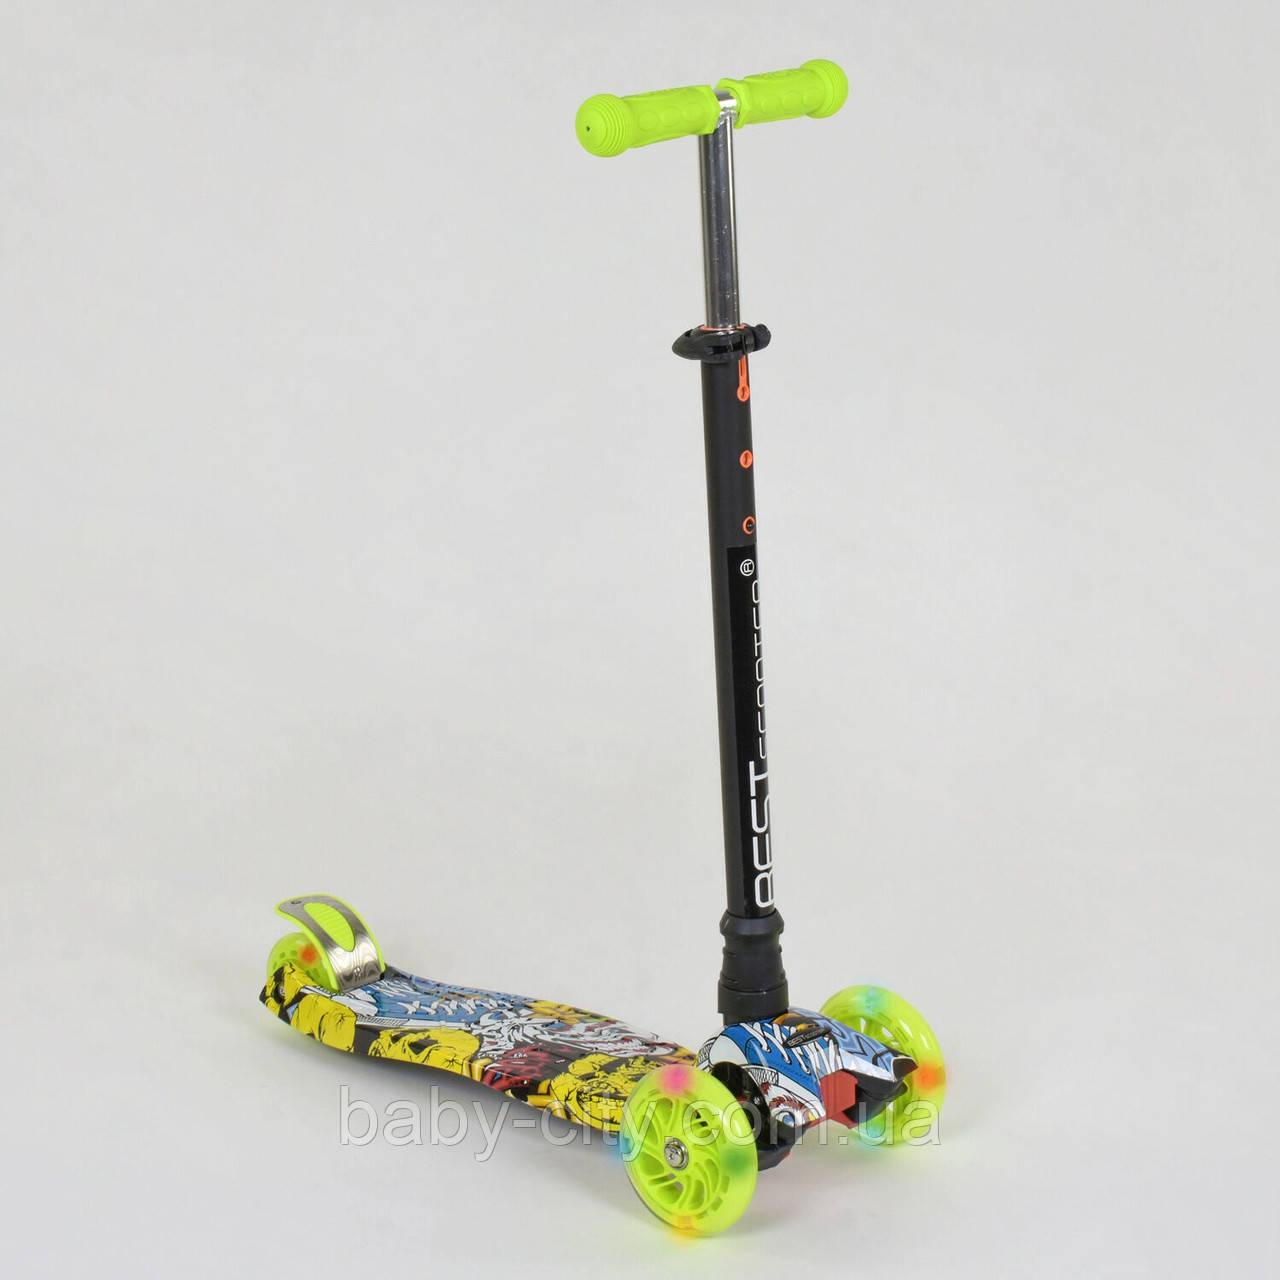 Самокат-кикборд Best Scooter А 24649 /779-1393